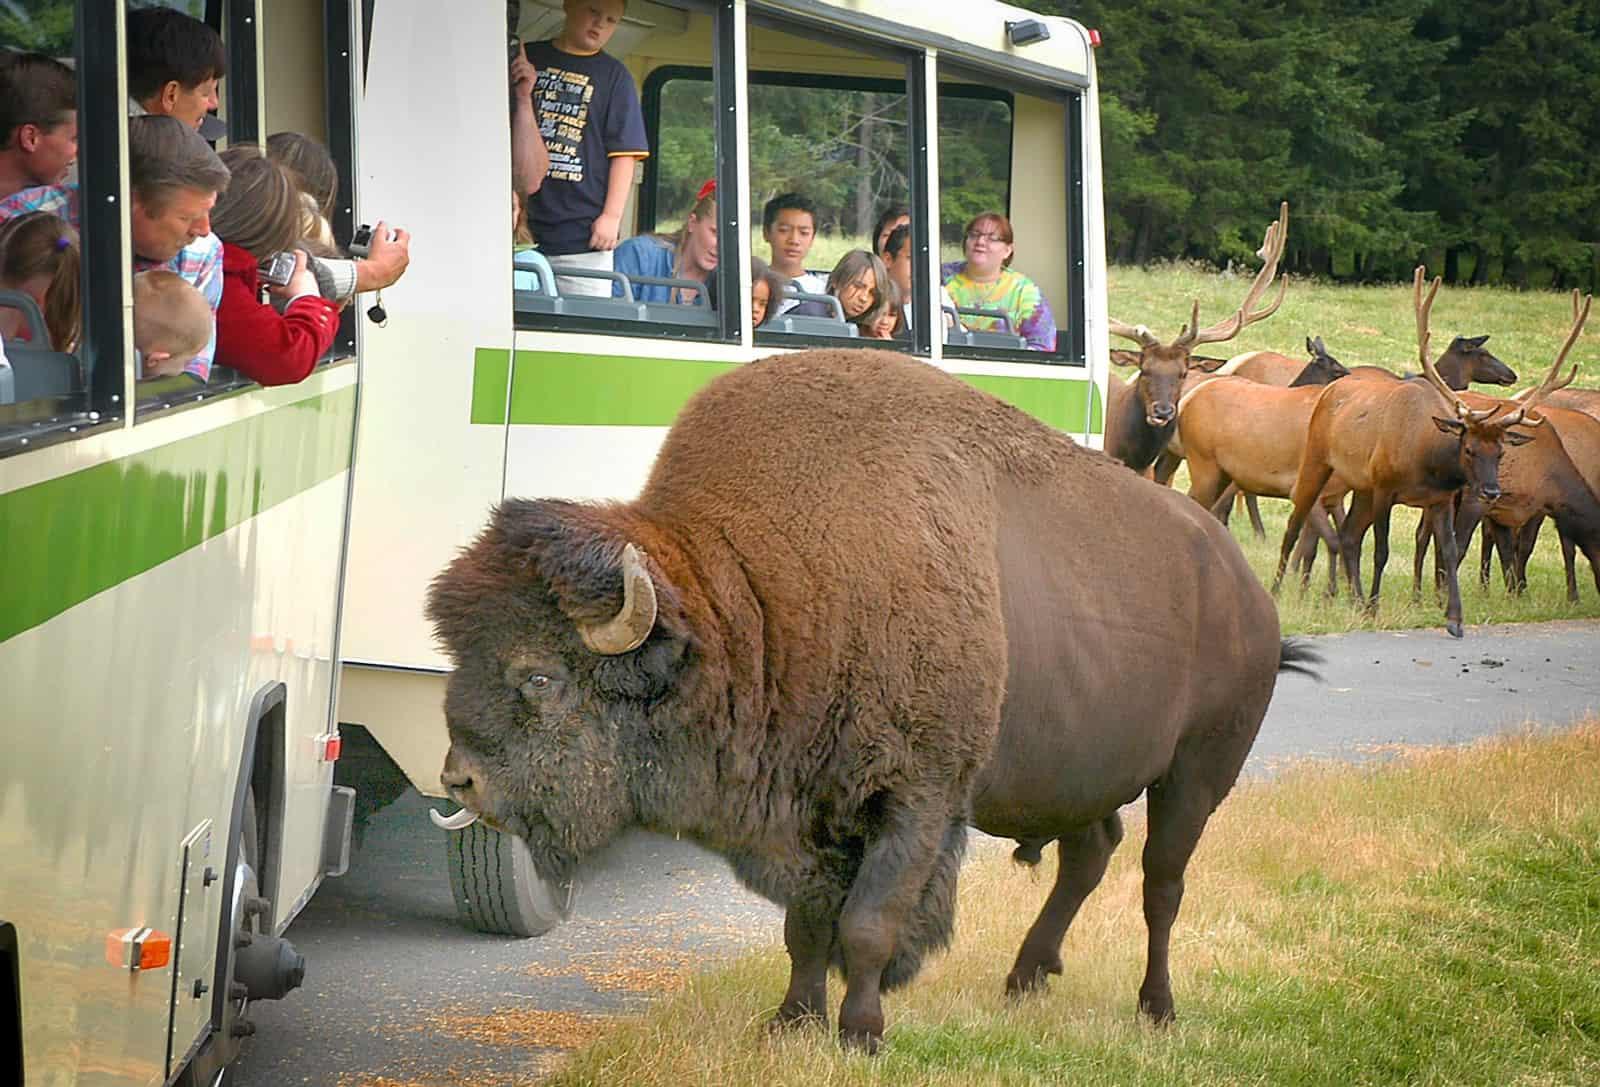 Bison at Northwest Trek and Wildlife Park